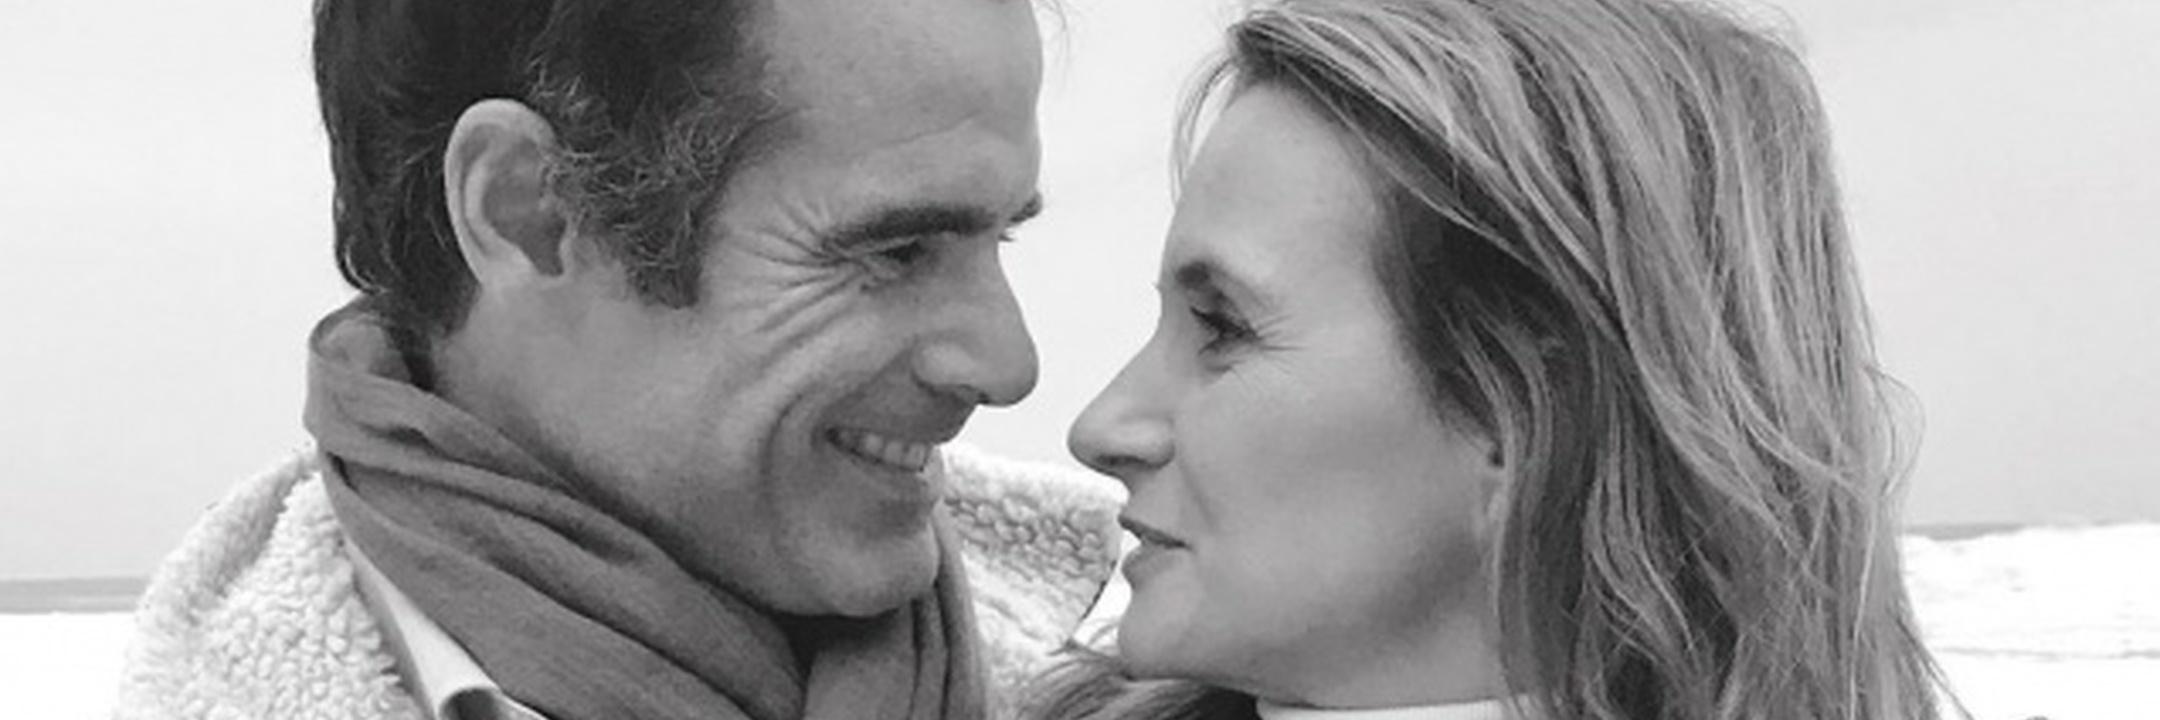 """Anna Westerlund recorda Pedro Lima: """"Sempre pensámos casar quando fizesses 50 anos"""""""